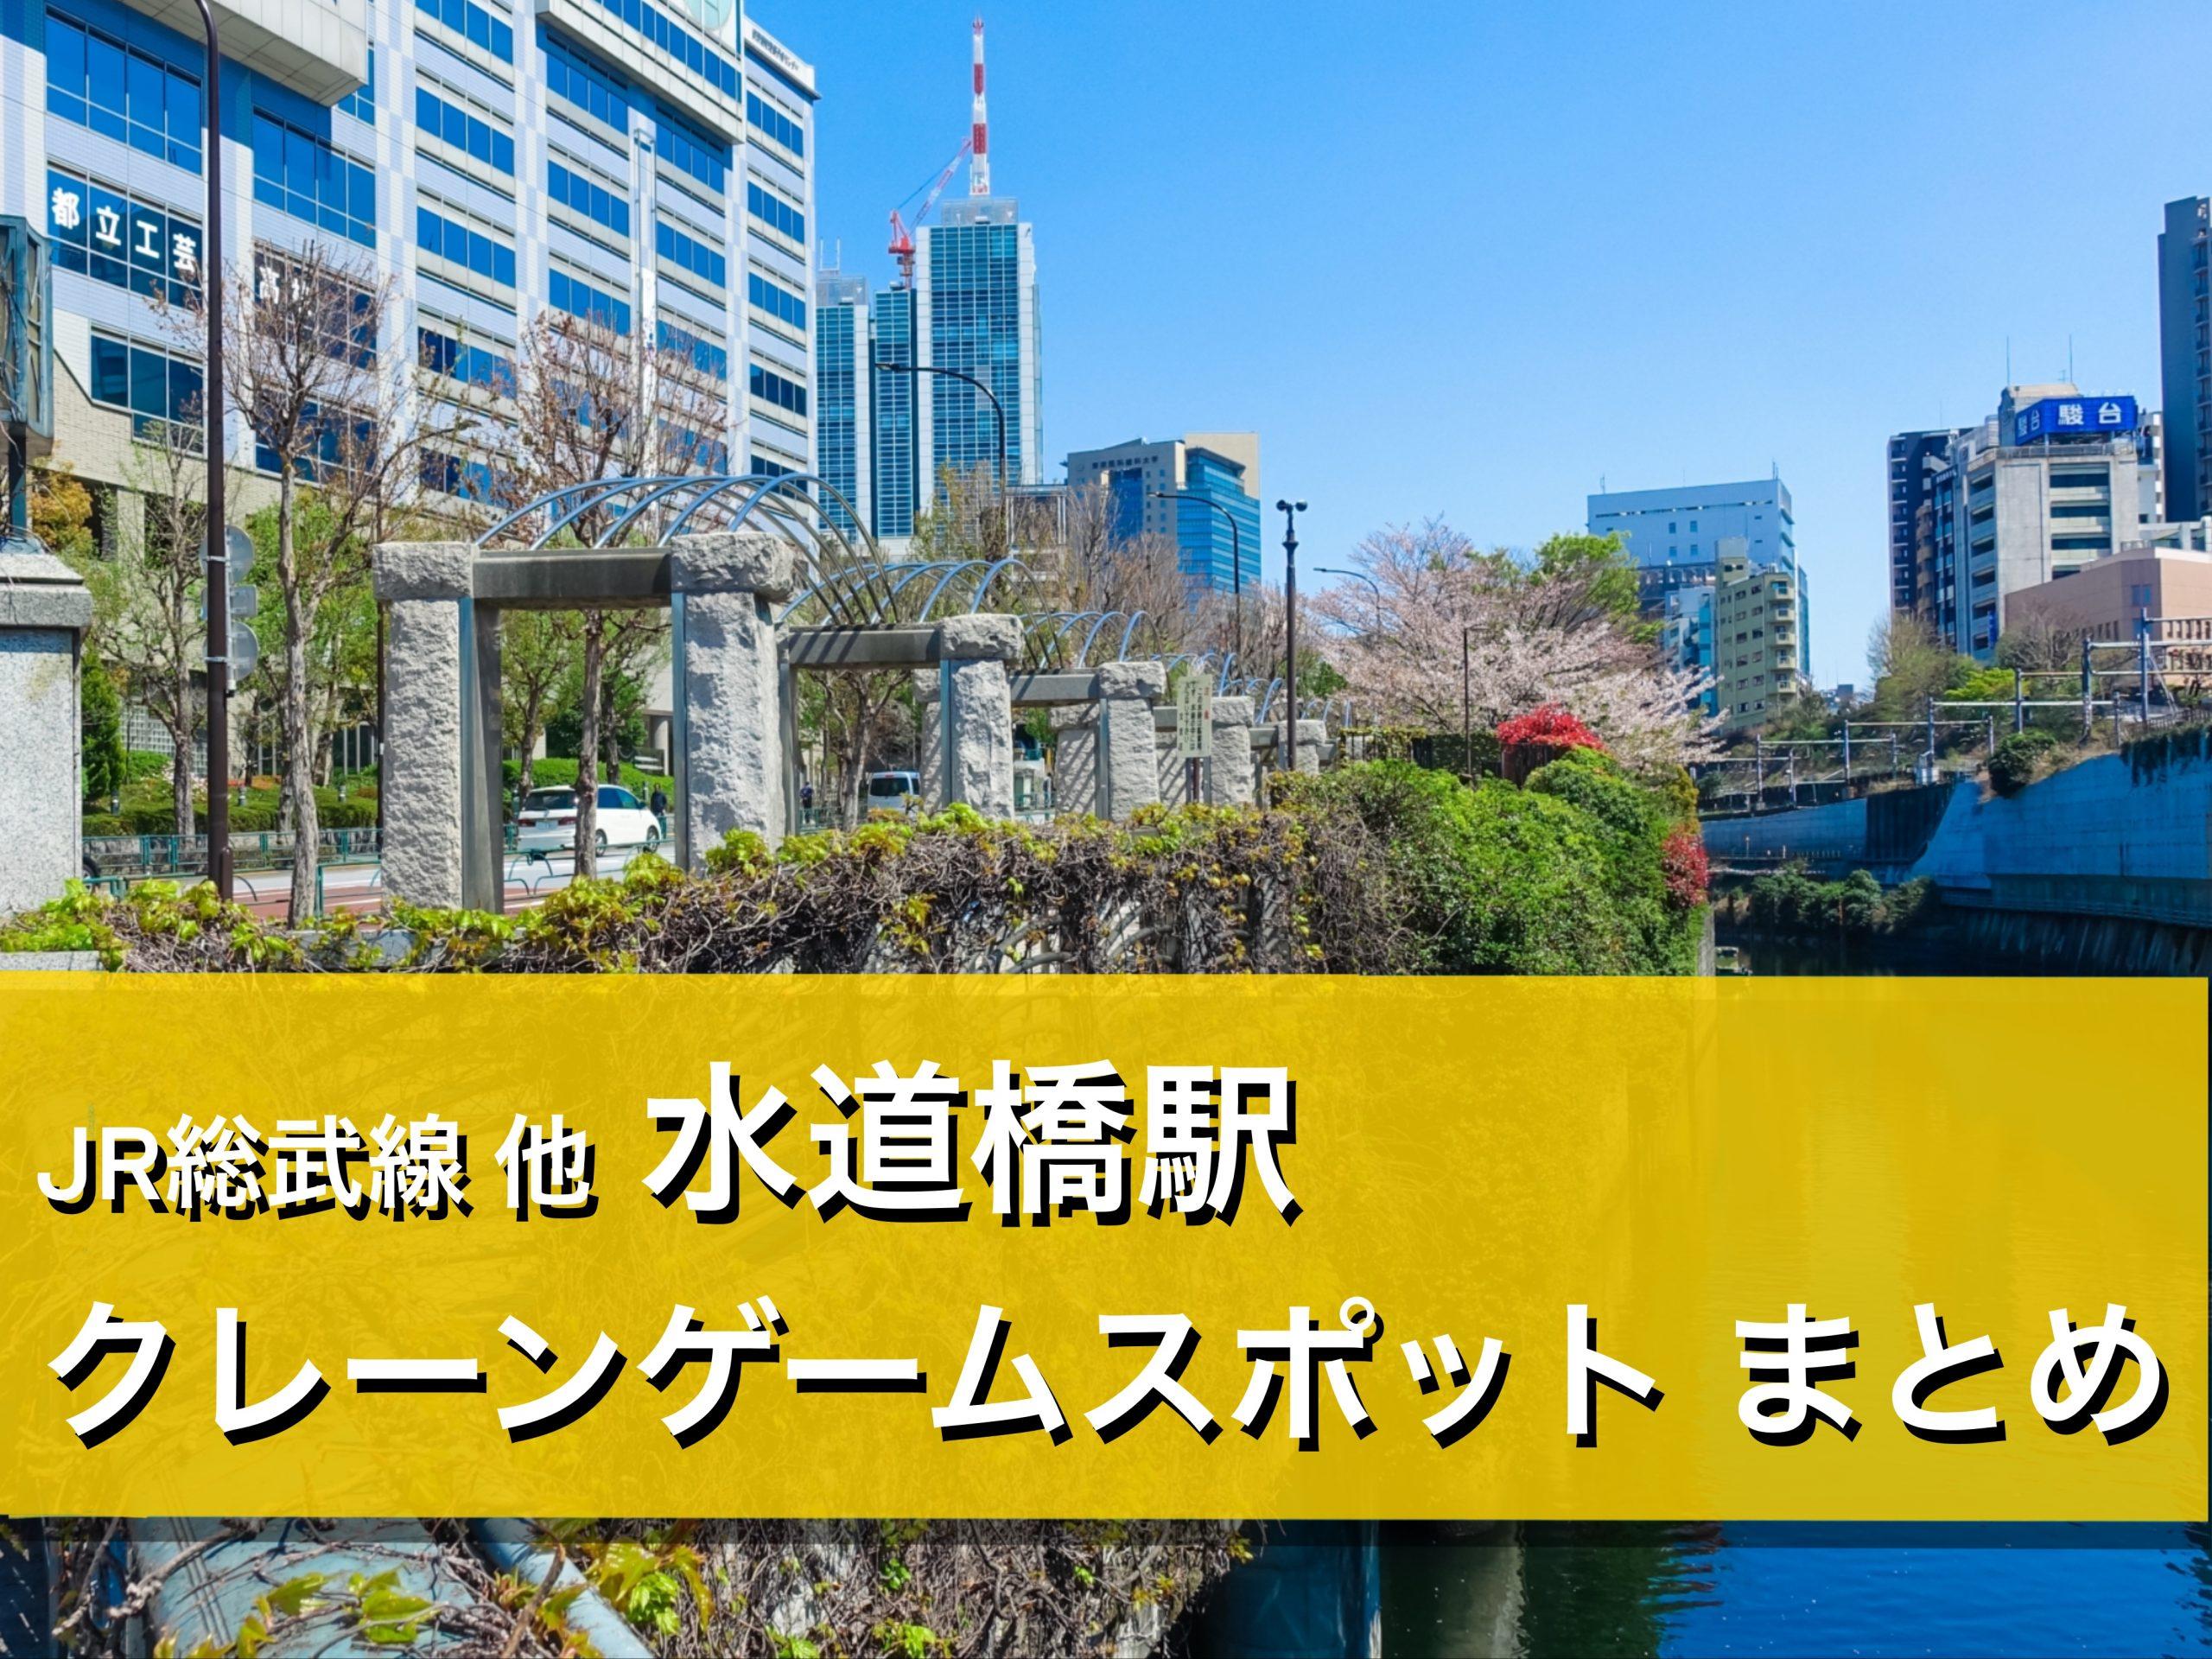 【水道橋駅】クレーンゲームができる場所